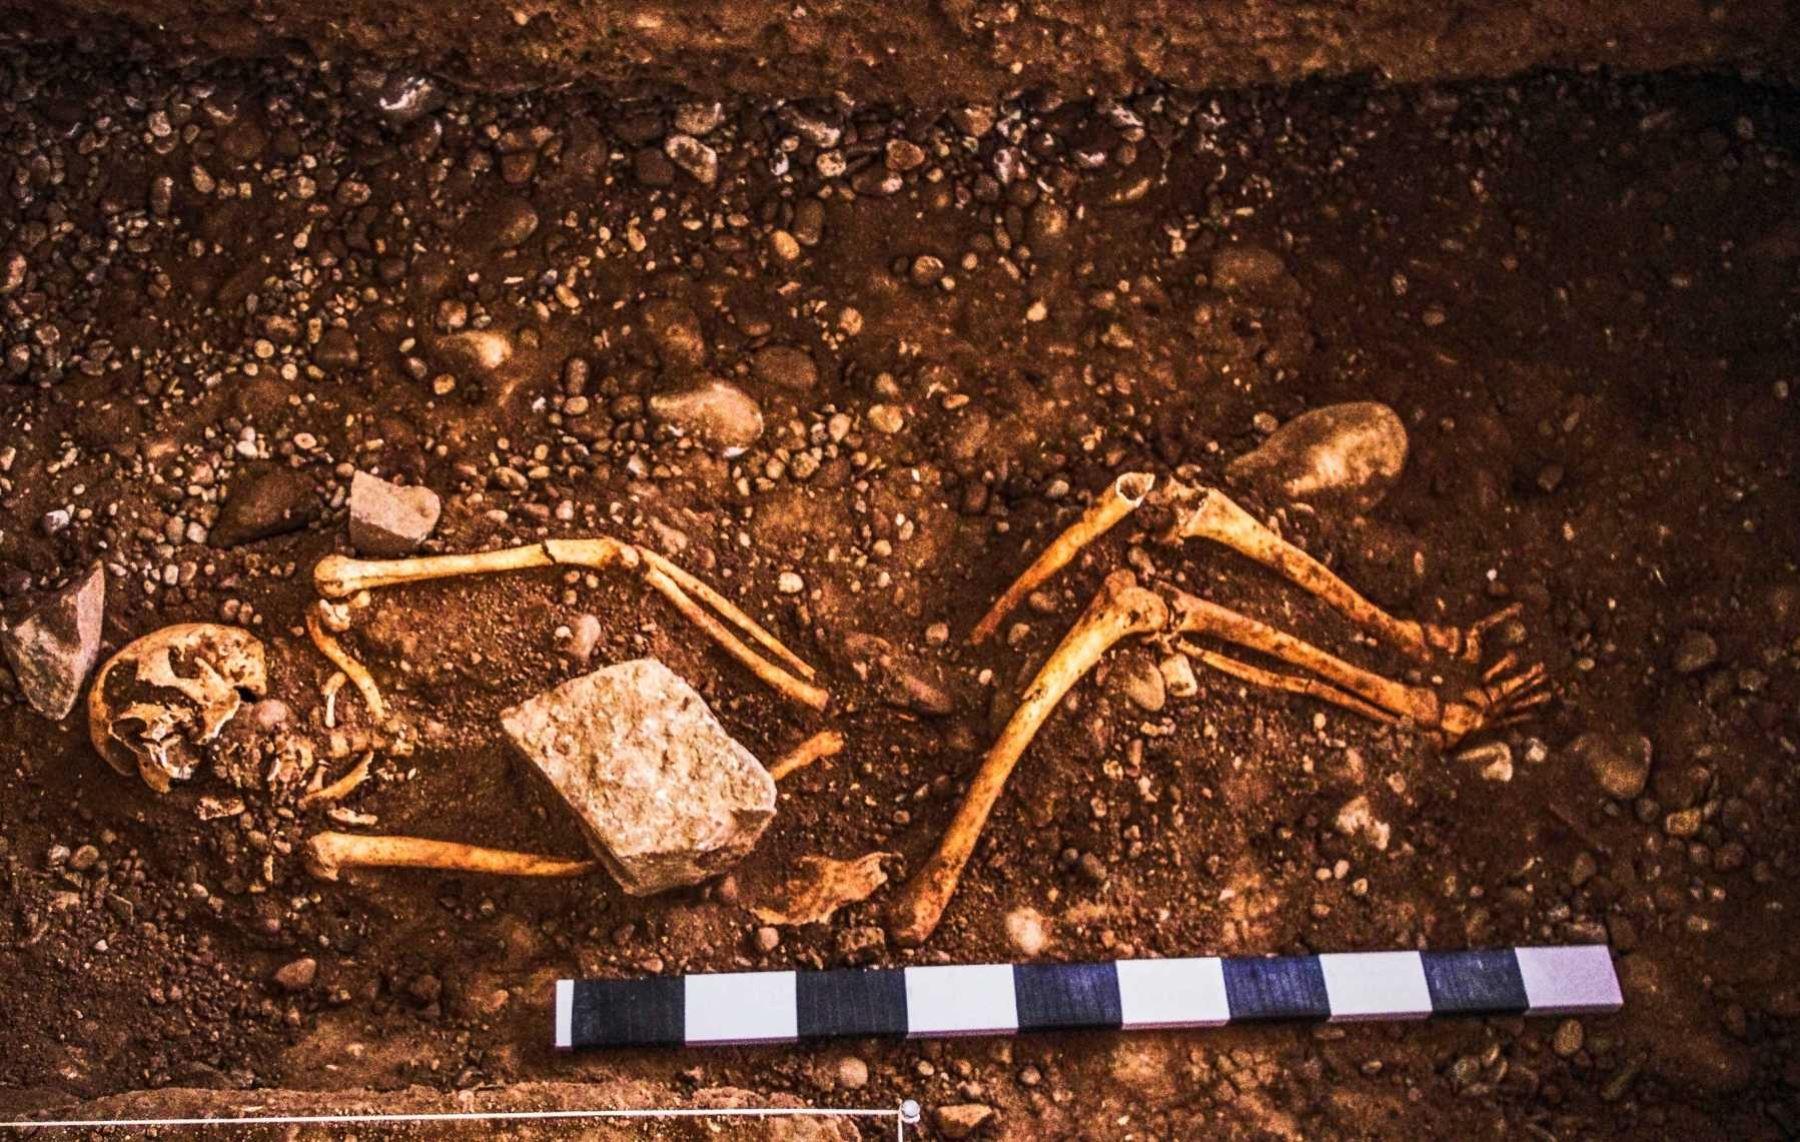 Investigadores del Ministerio de Cultura muestran los vestigios arqueológicos hallados en Hatun Xauxa, ubicado en Jauja, Junín.